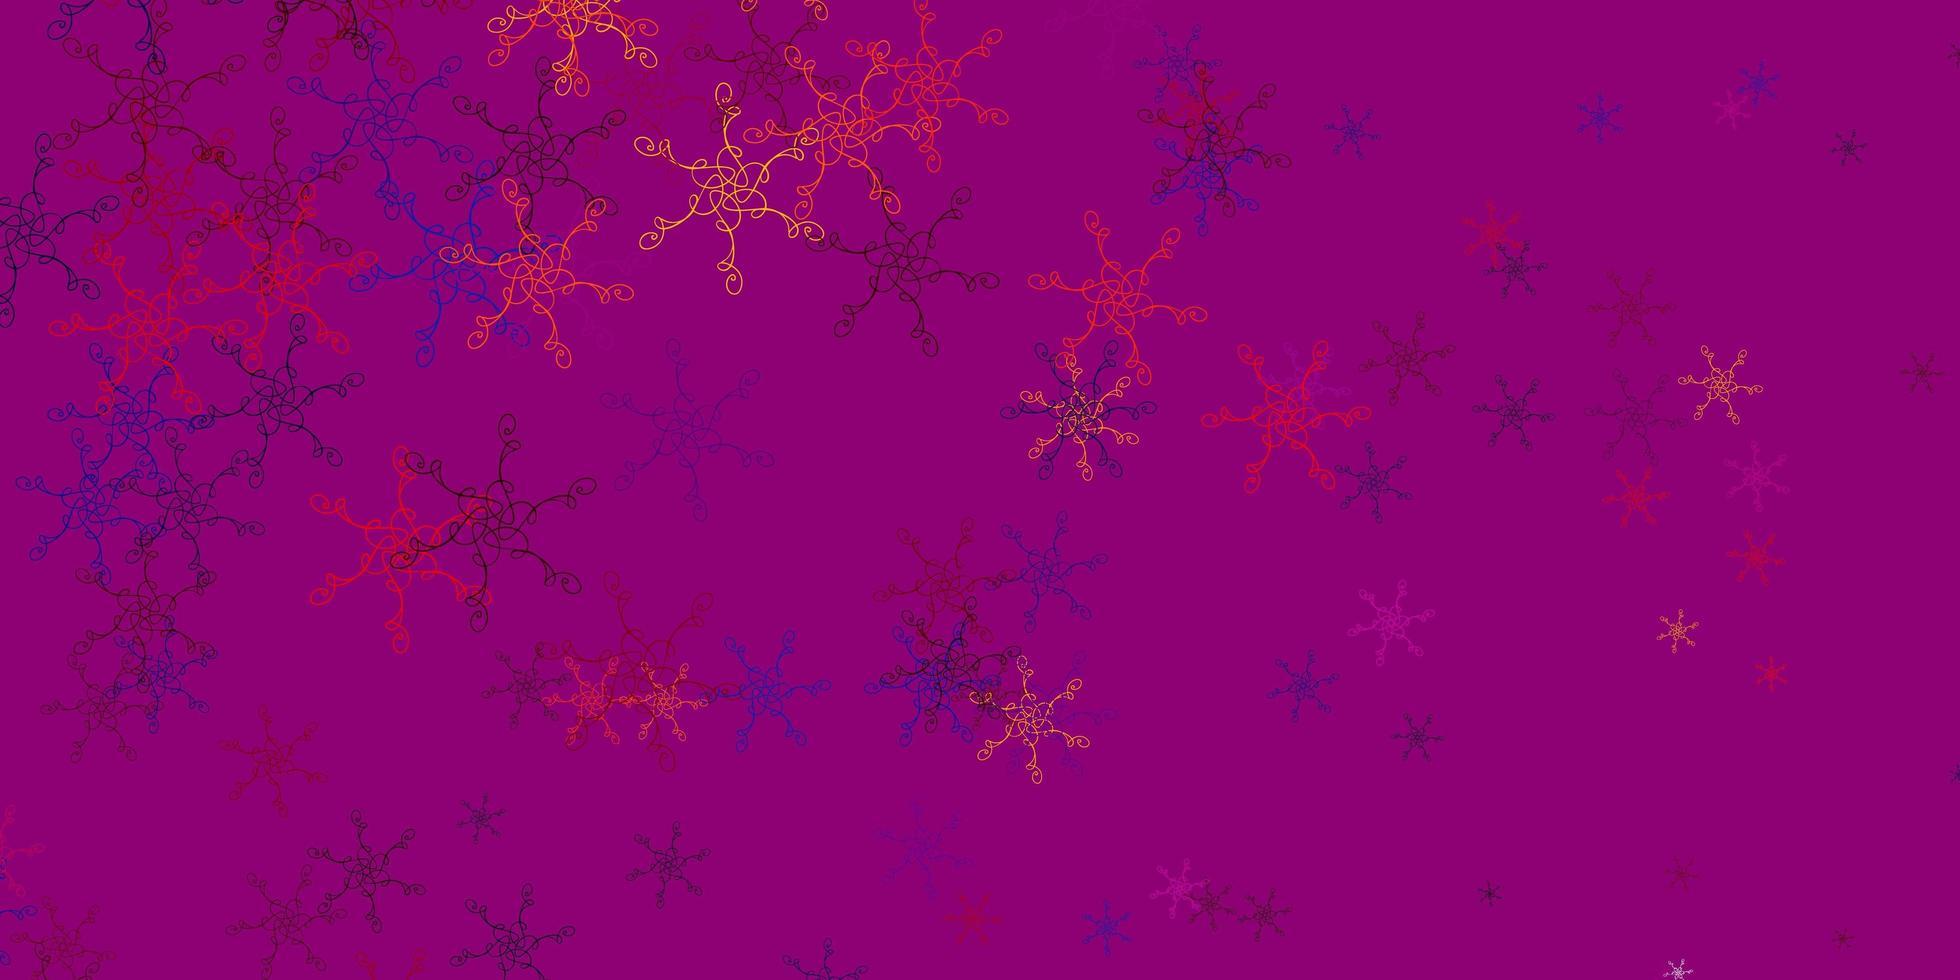 lichtblauwe, rode vectorlay-out met wrange lijnen. vector